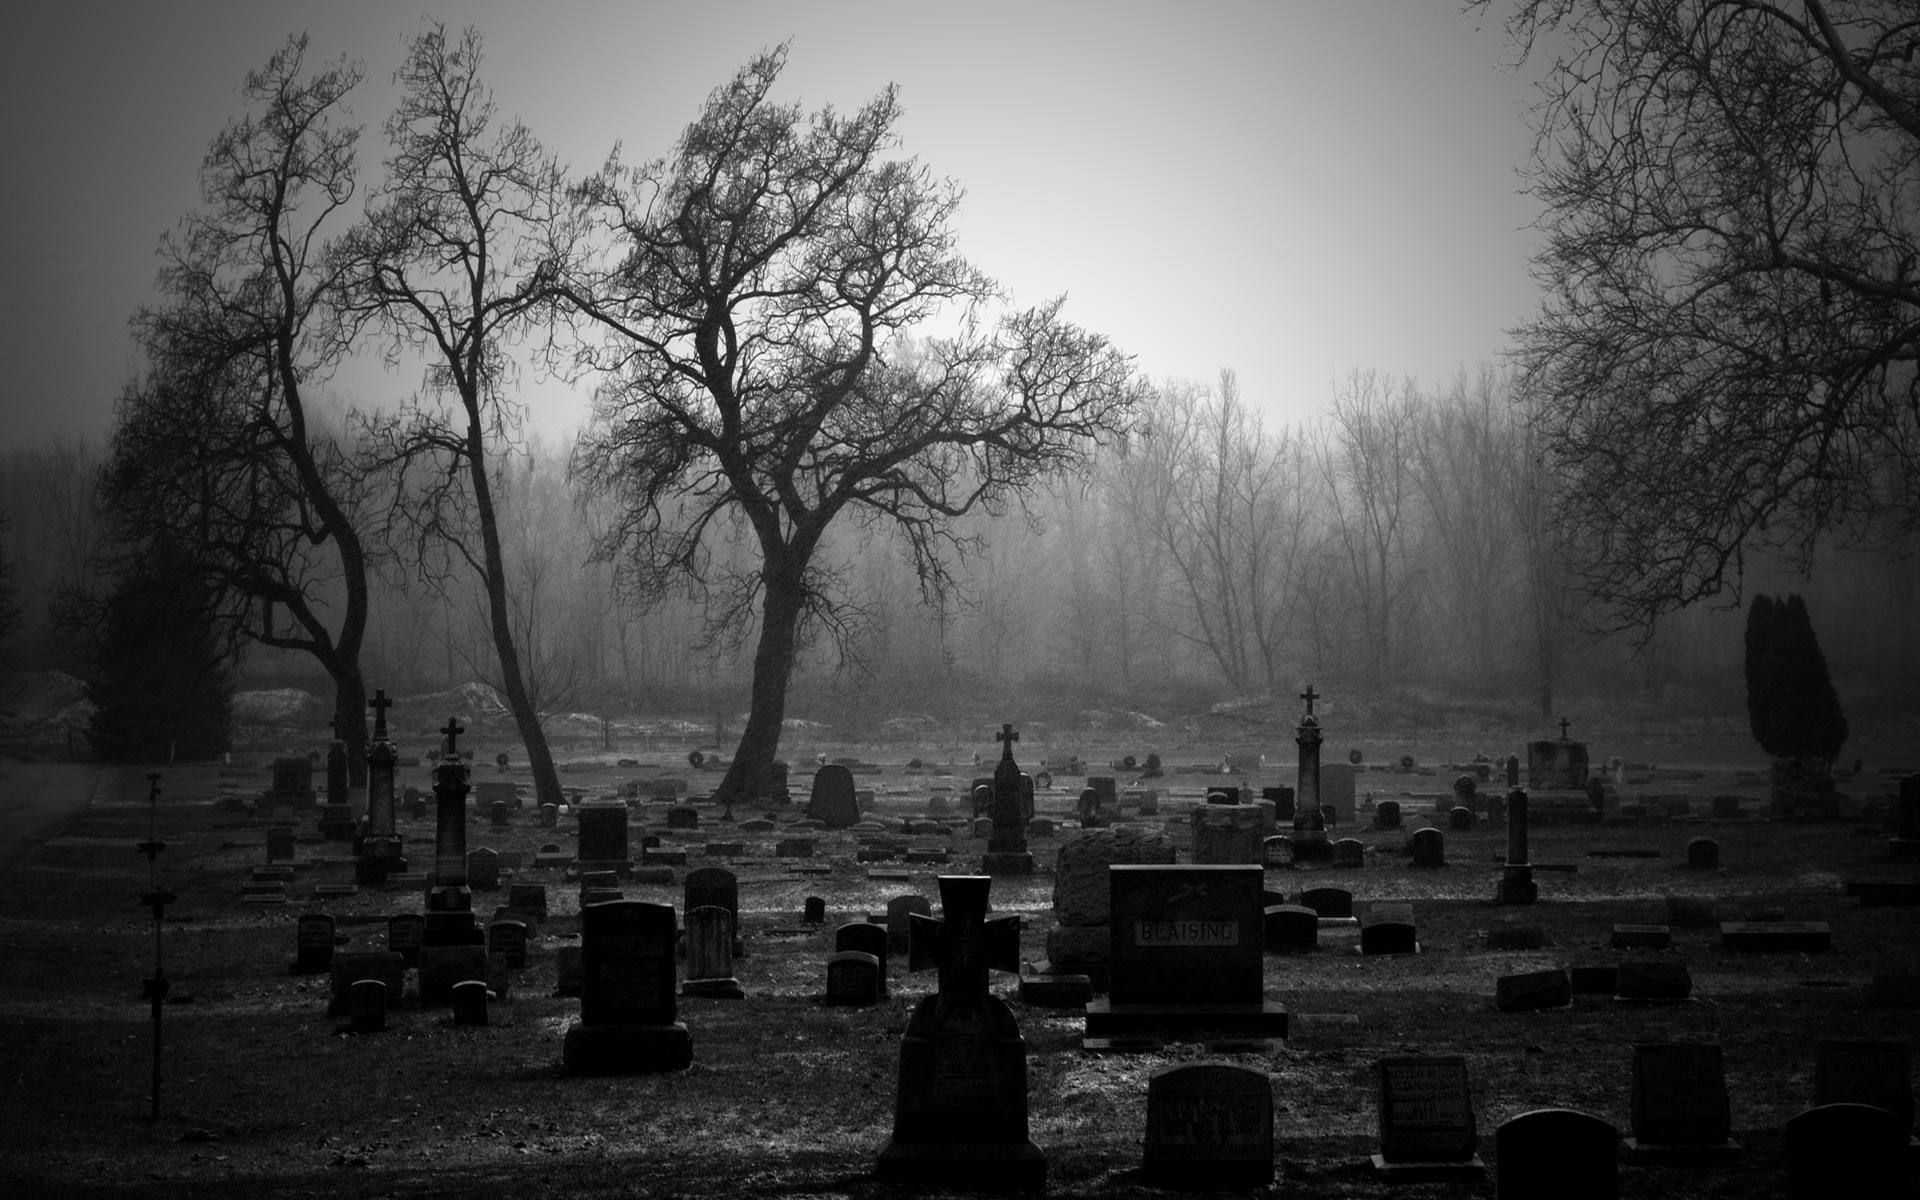 leyenda-del-cementerio-de-boqueron-de-curitiba